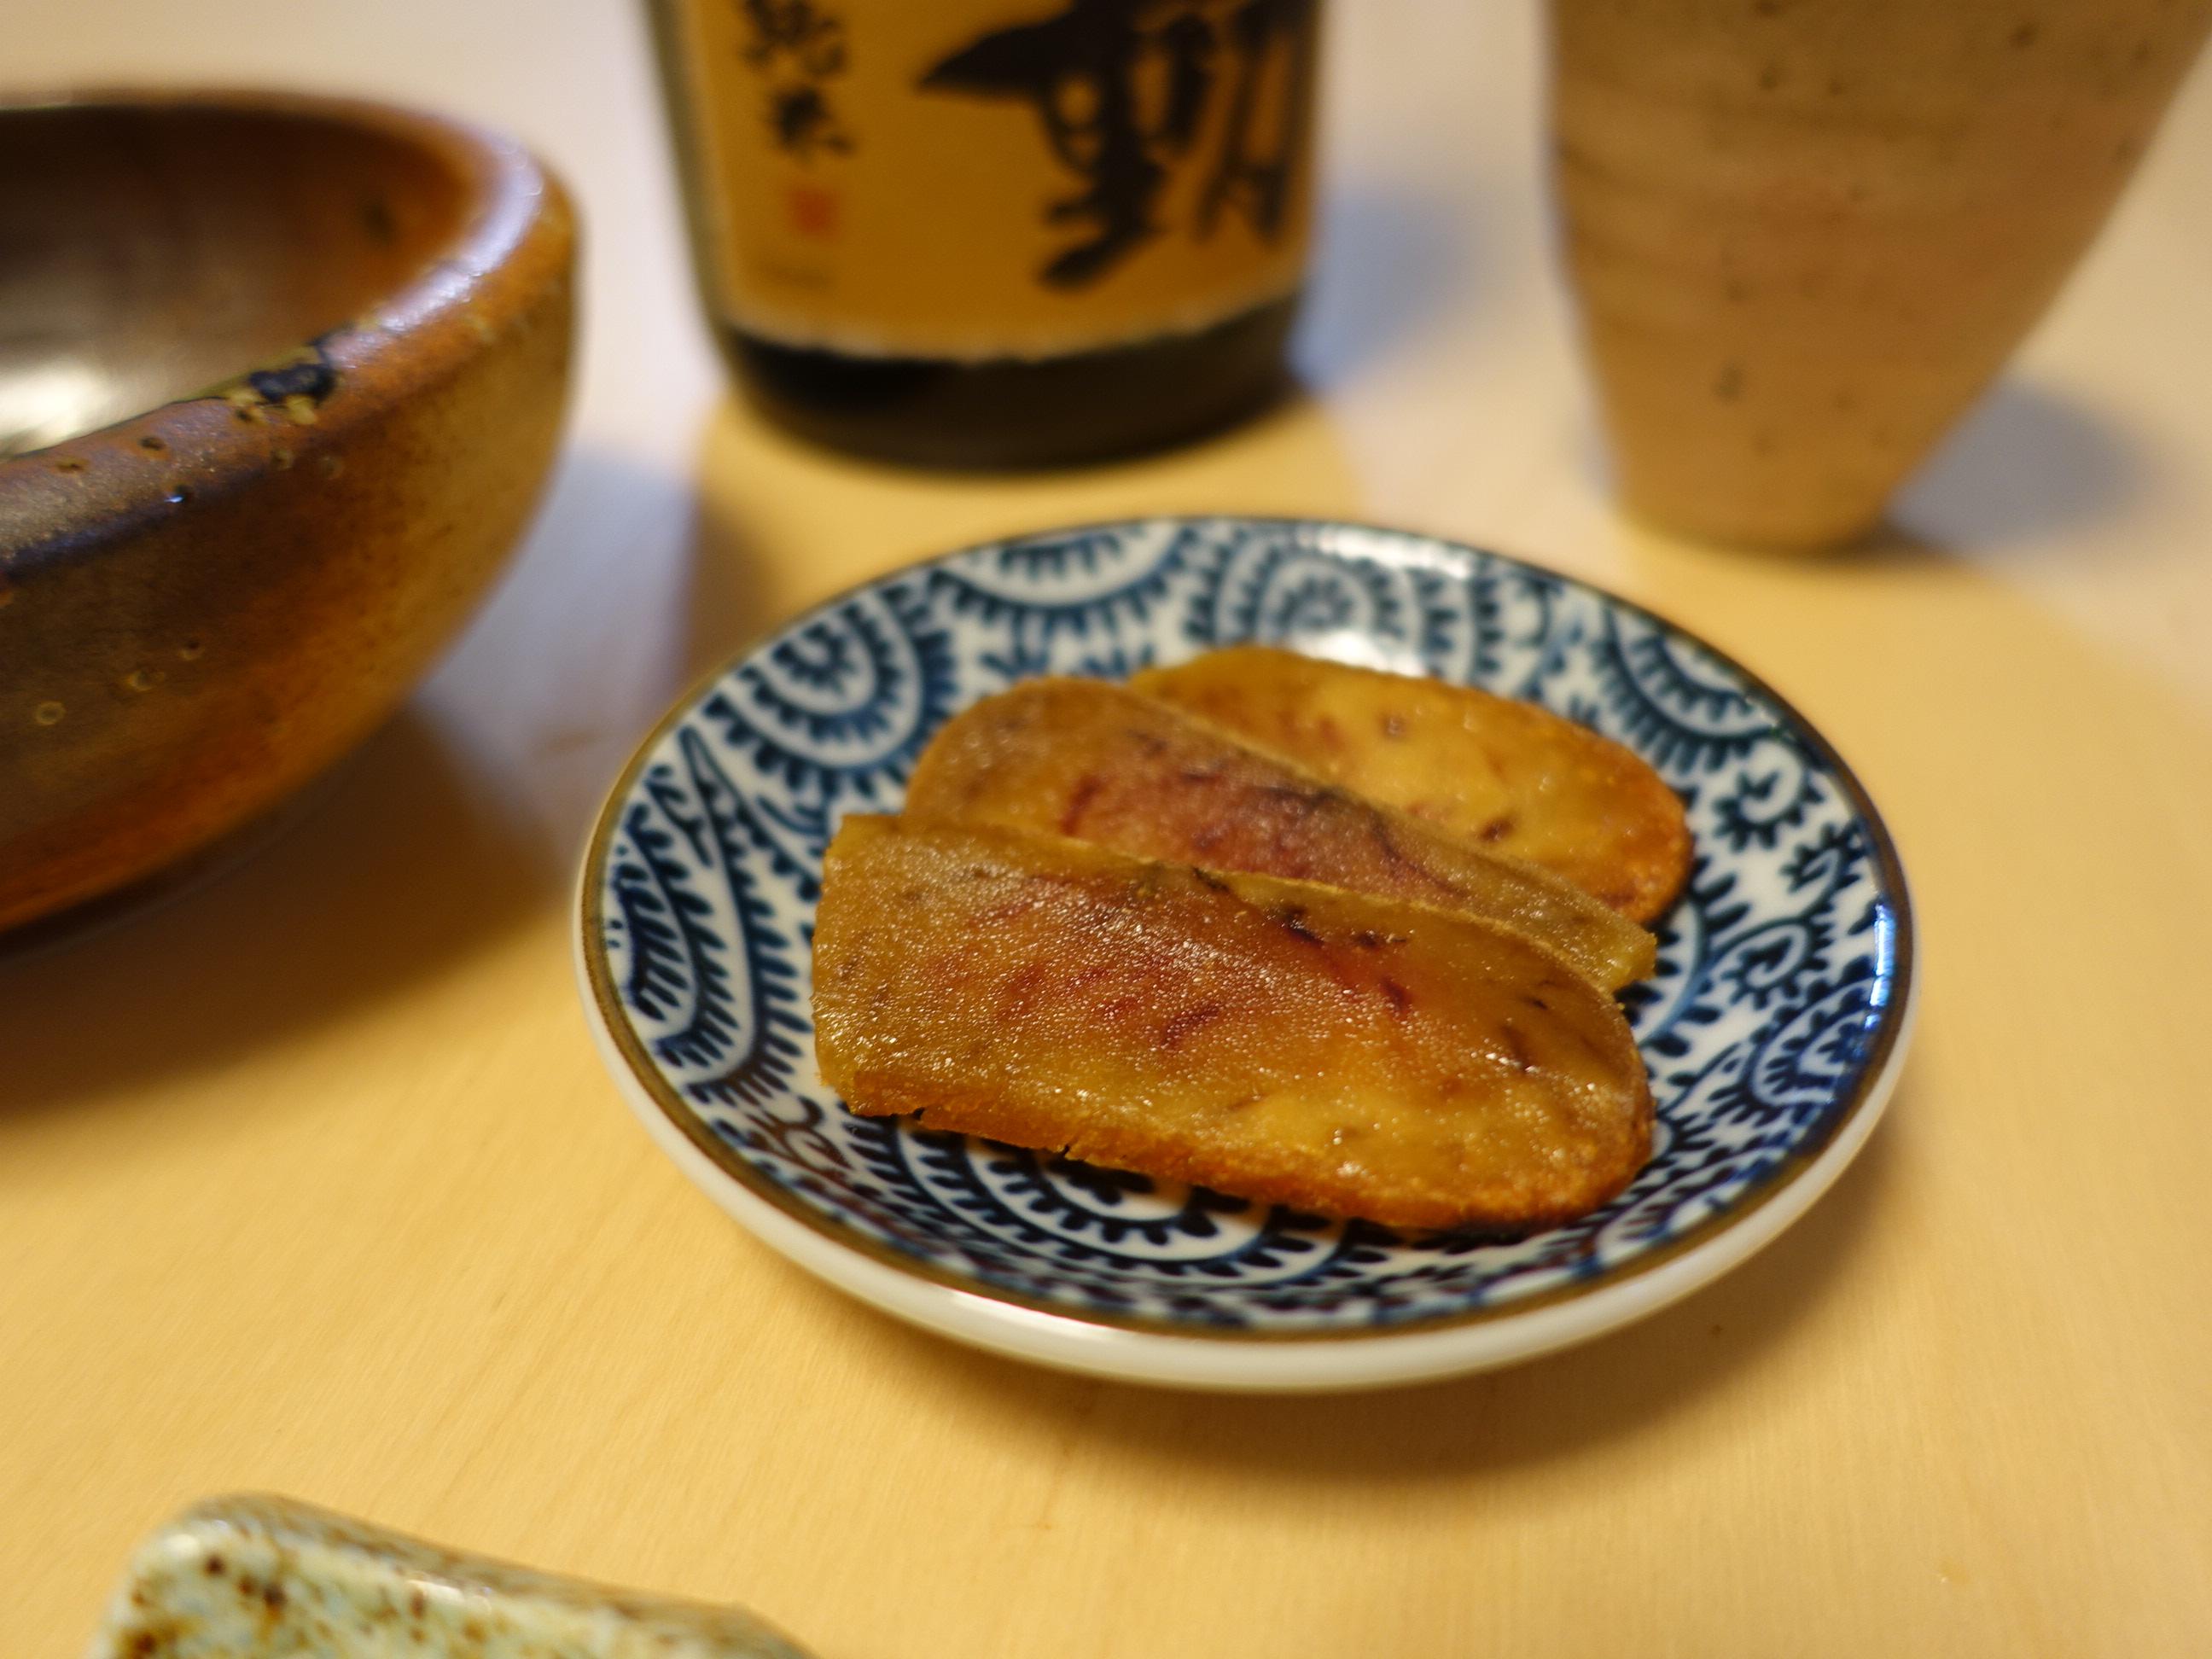 千葉県の日本酒は鍋店の不動